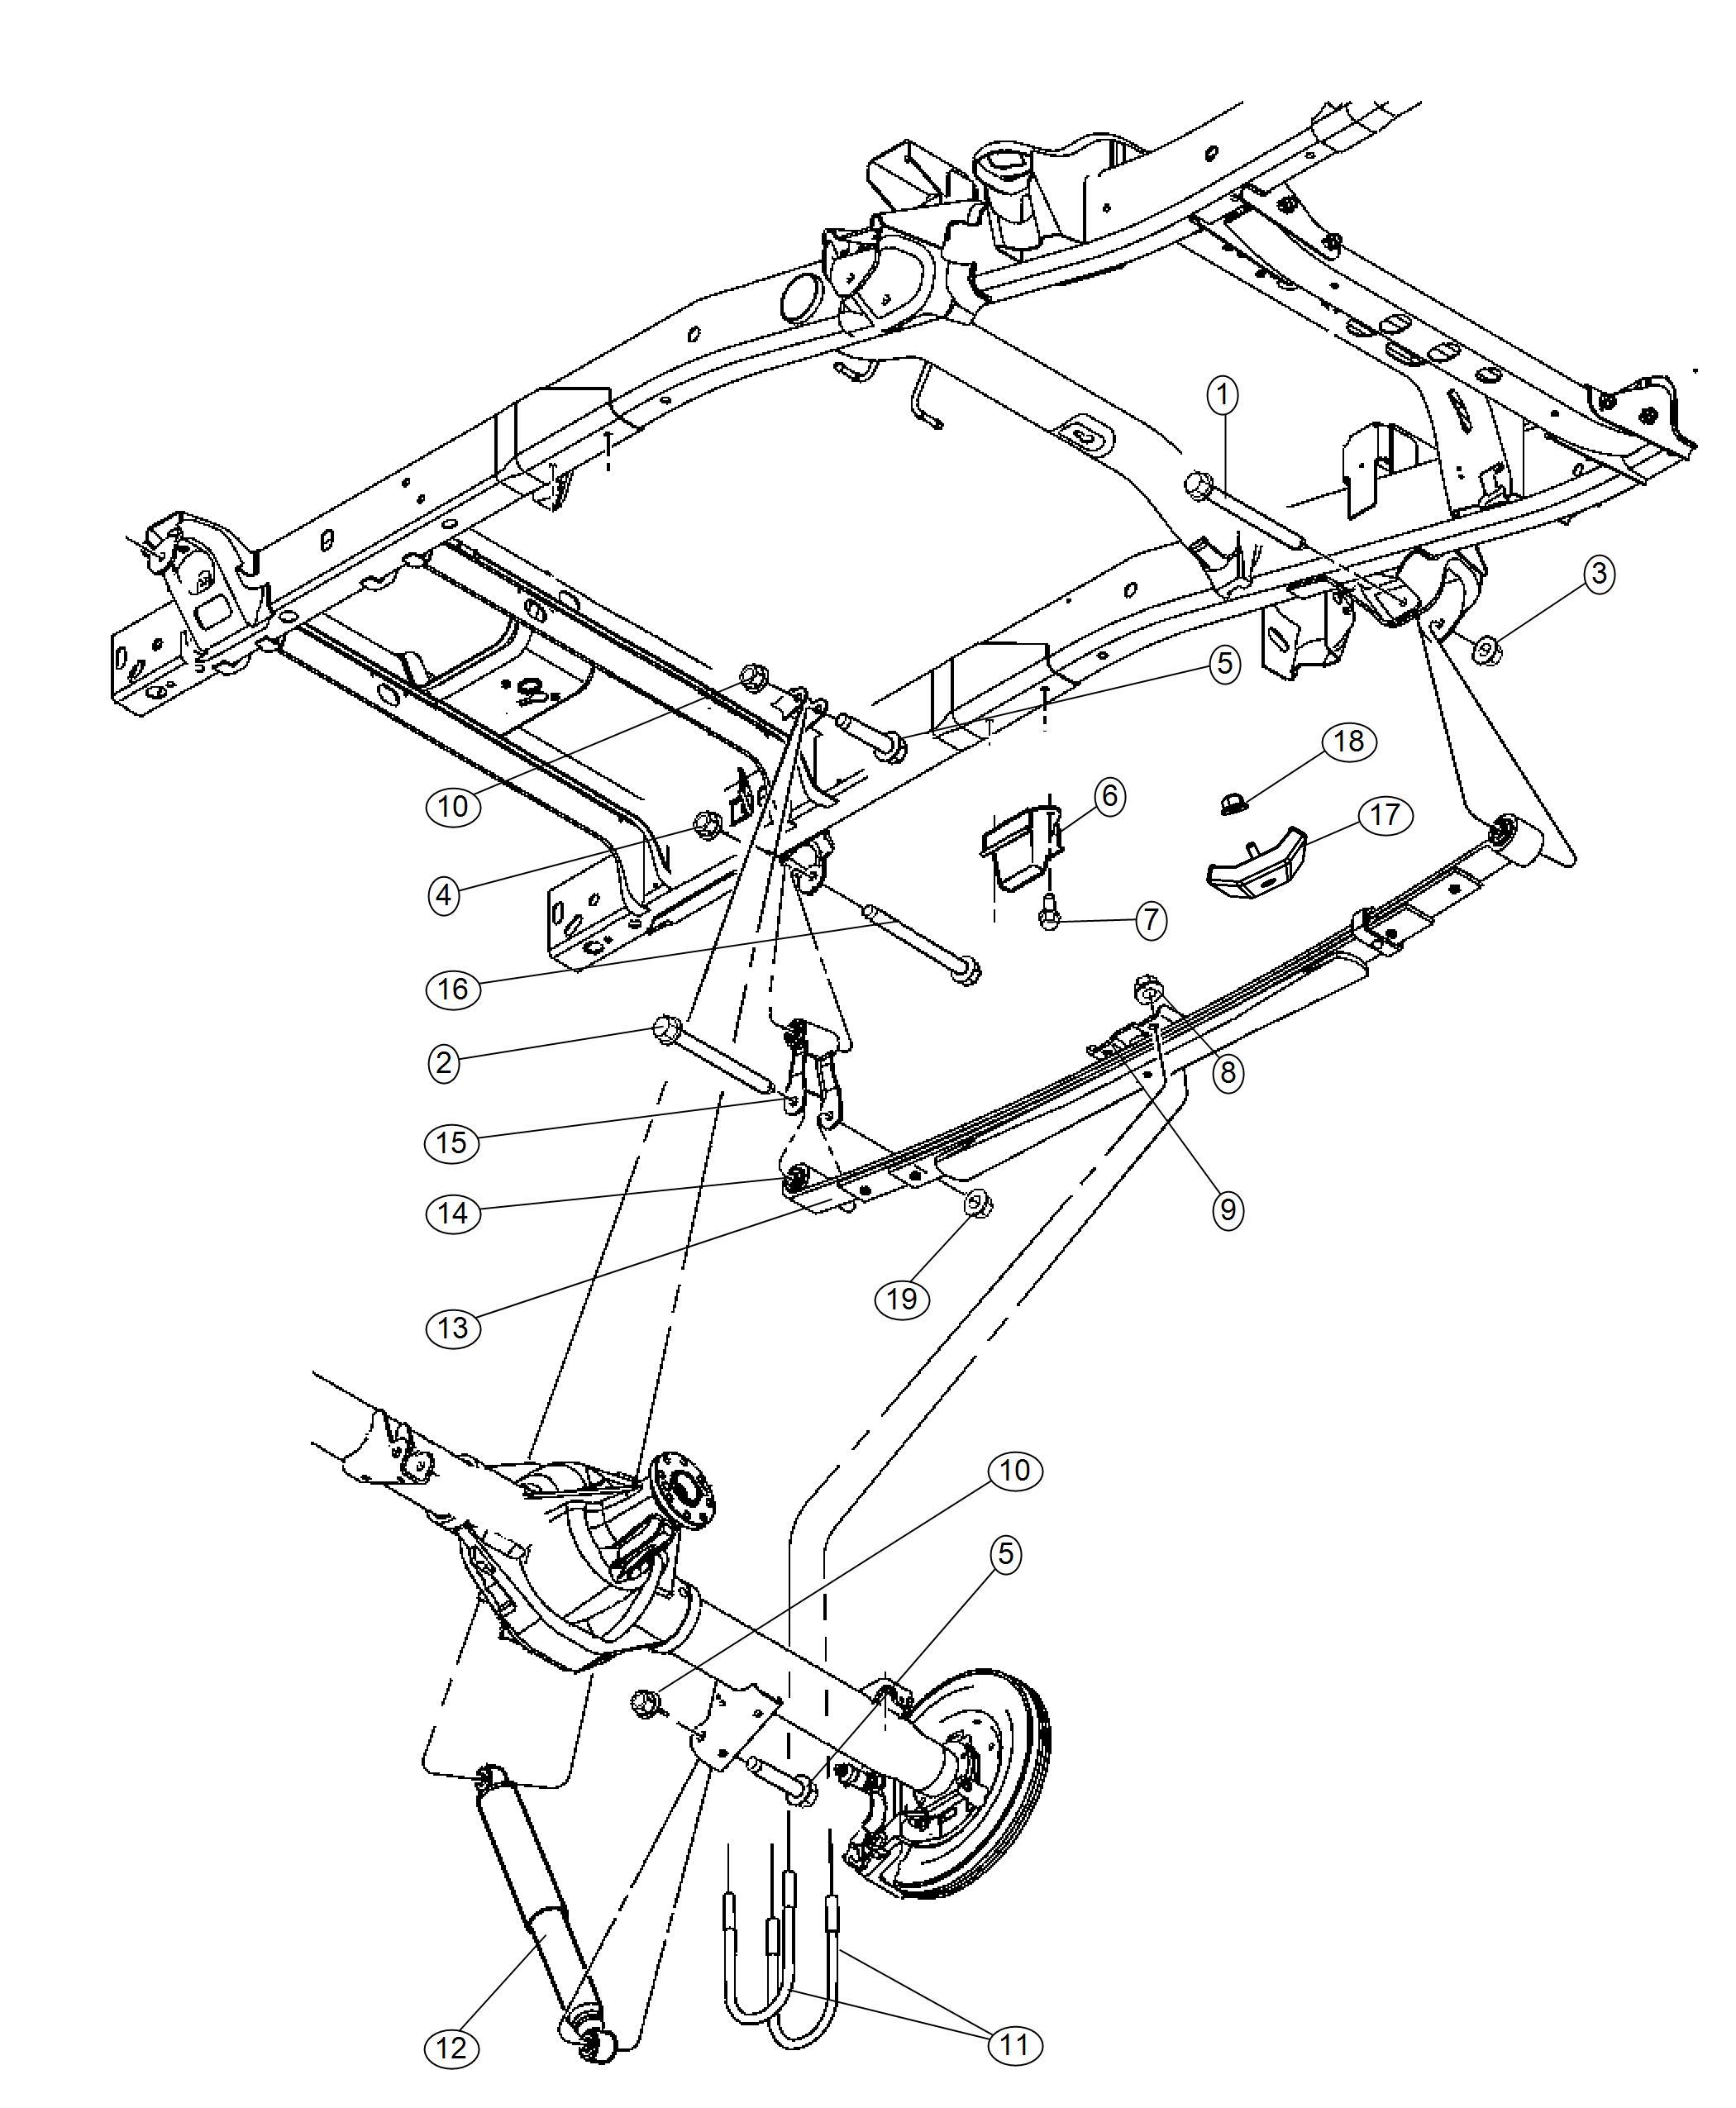 2010 Dodge Ram 3500 Shock absorber. Suspension. Rear. Duty